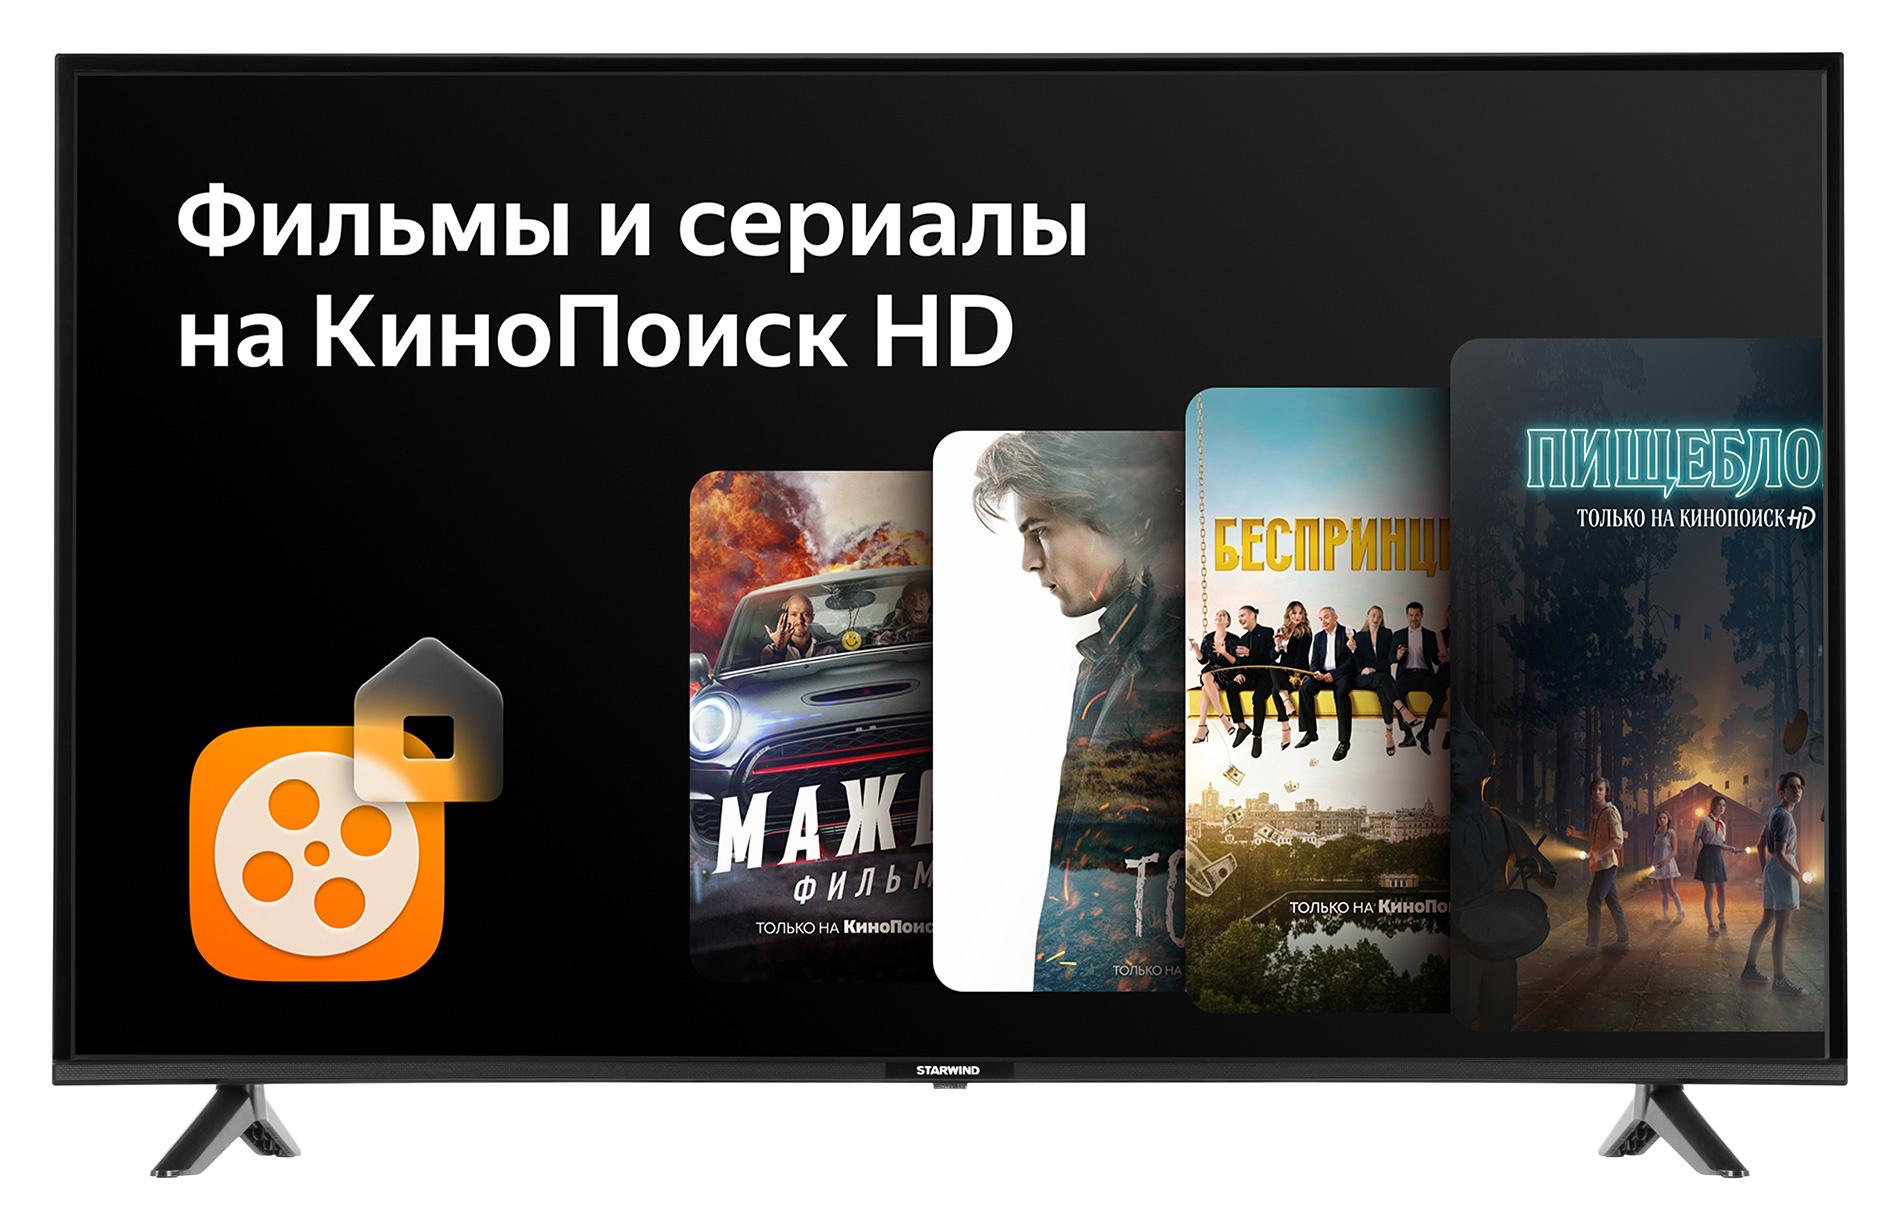 https://images.merlion.ru/145/1451712/1451712_v02_b.jpg